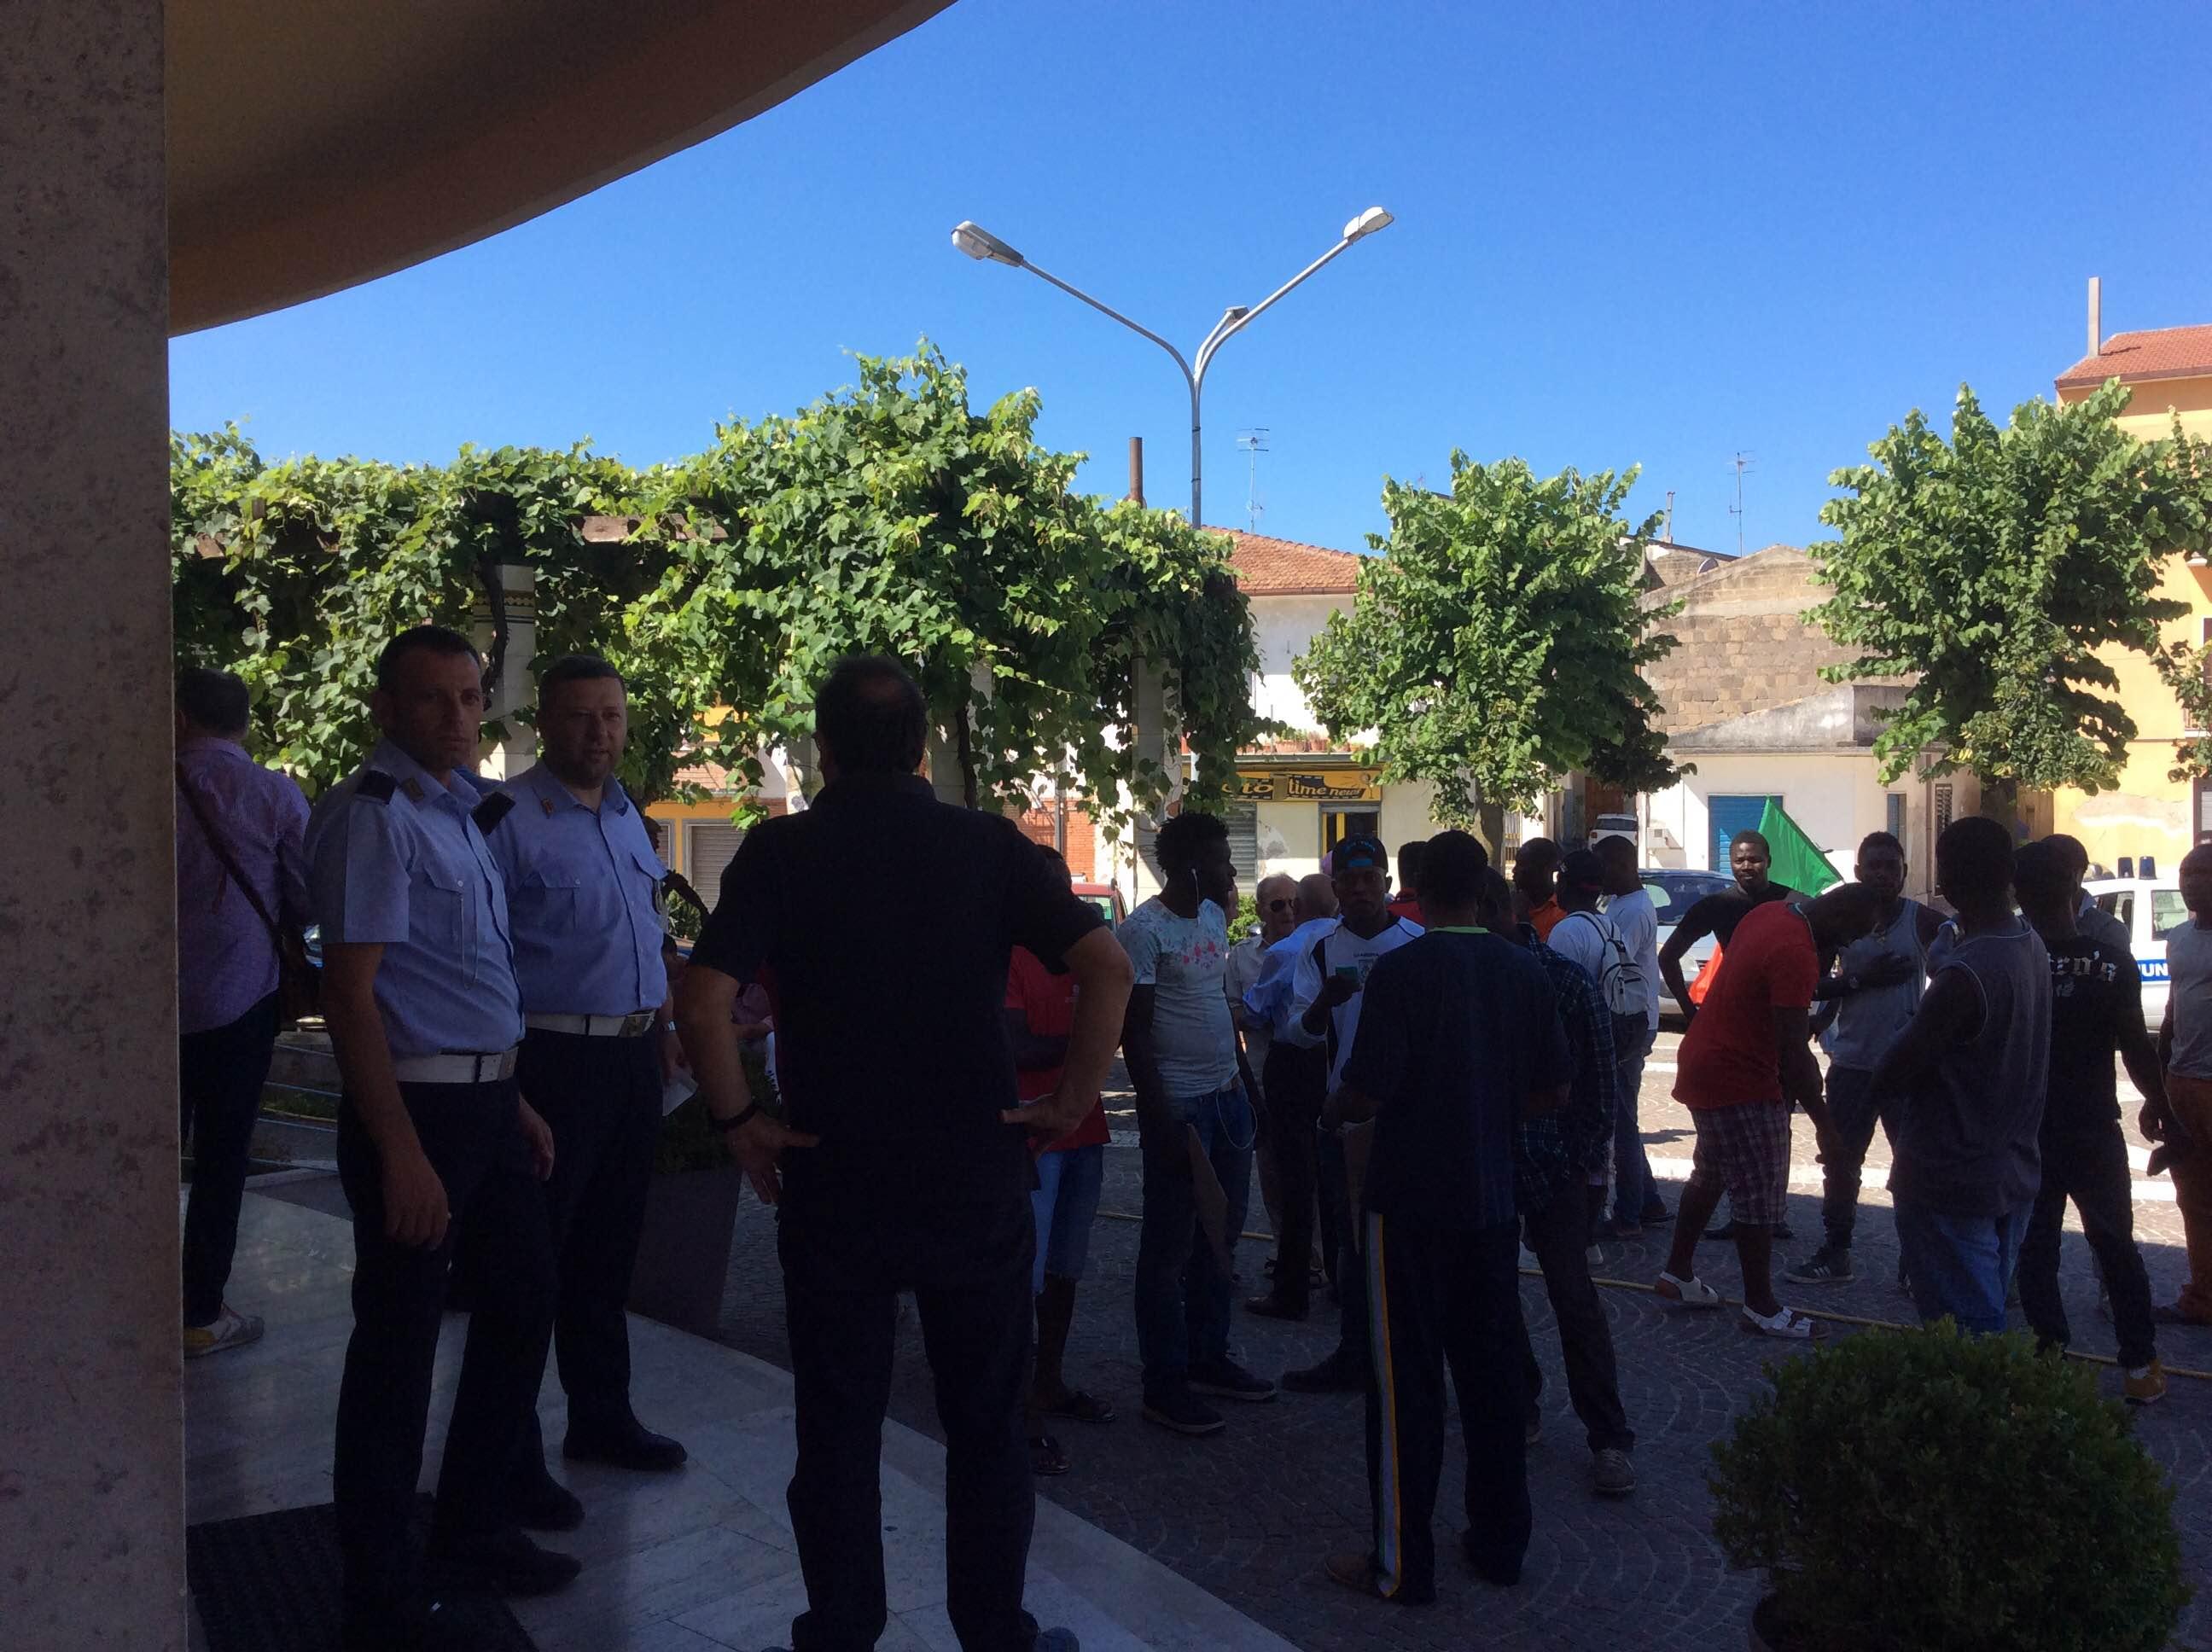 Migranti in protesta a Castelvenere